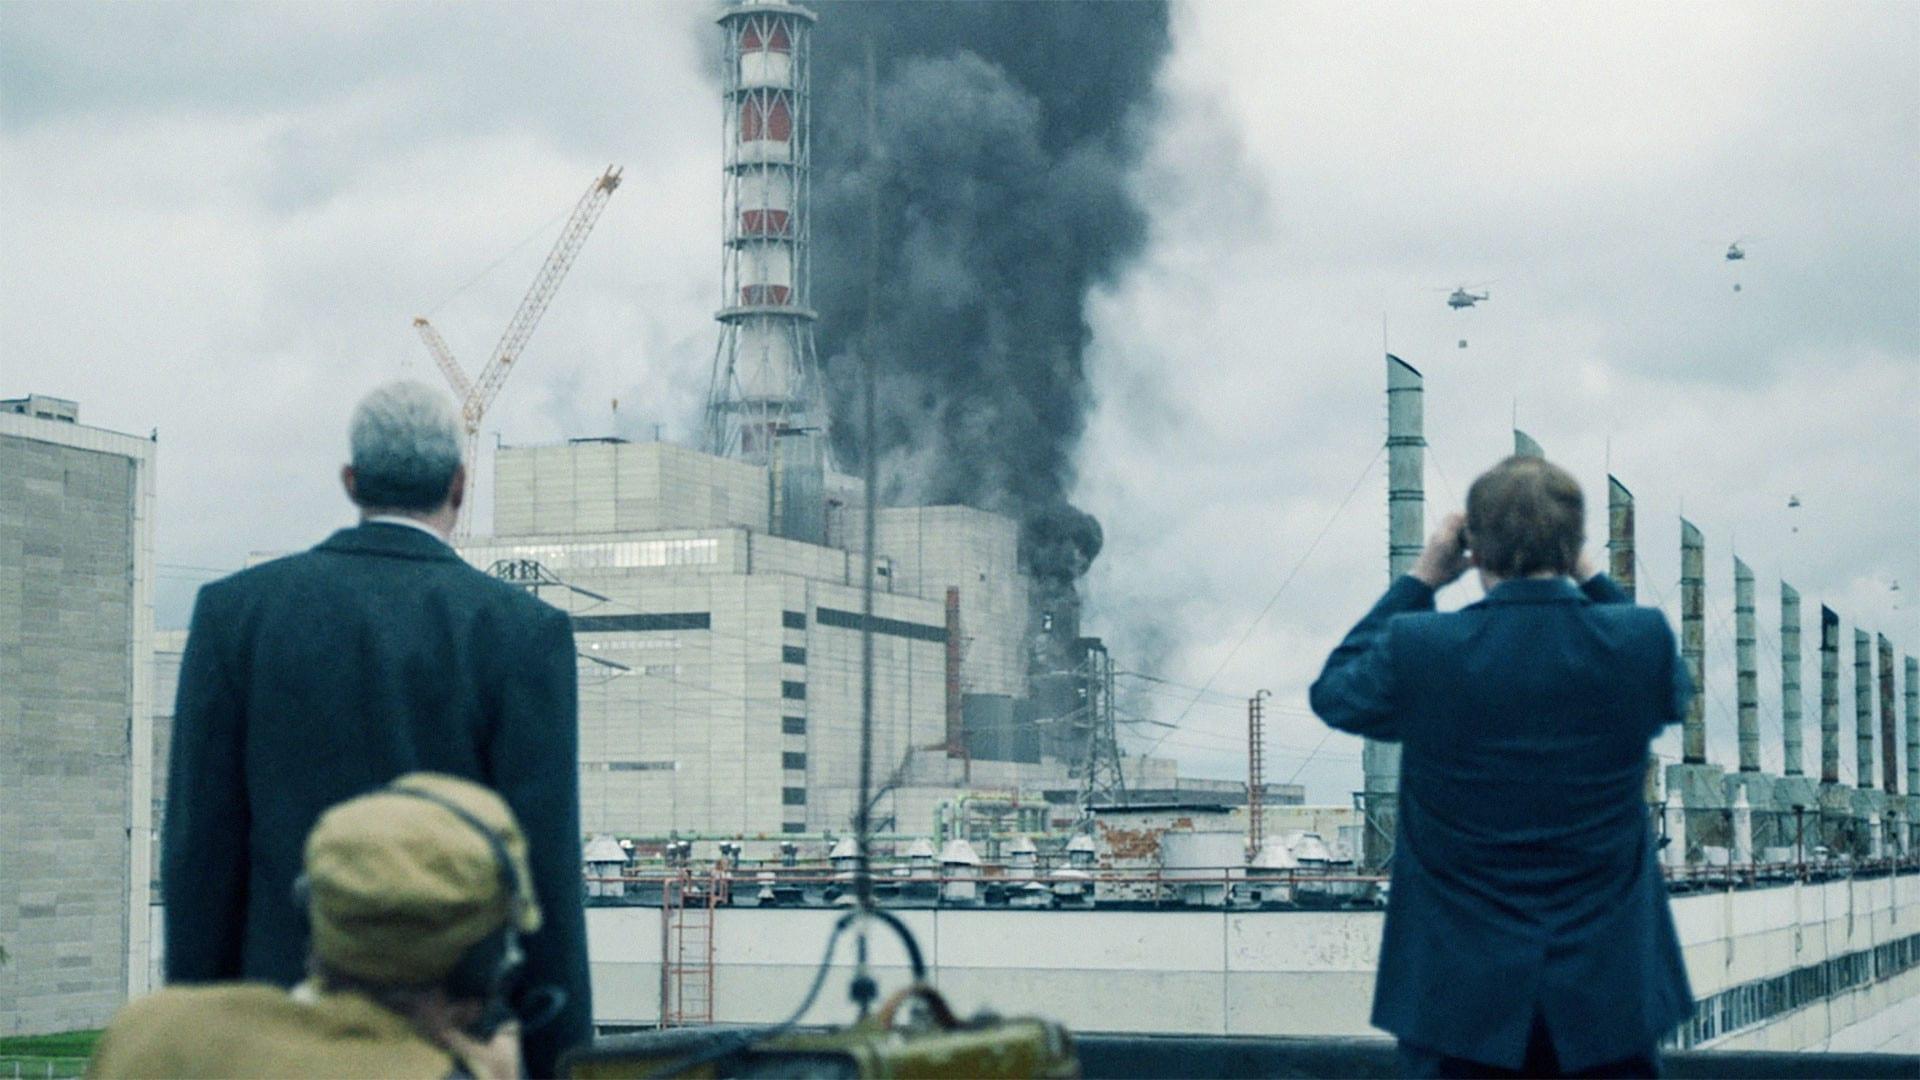 Сериал «Чернобыль» получил 7телевизионных премий BAFTA